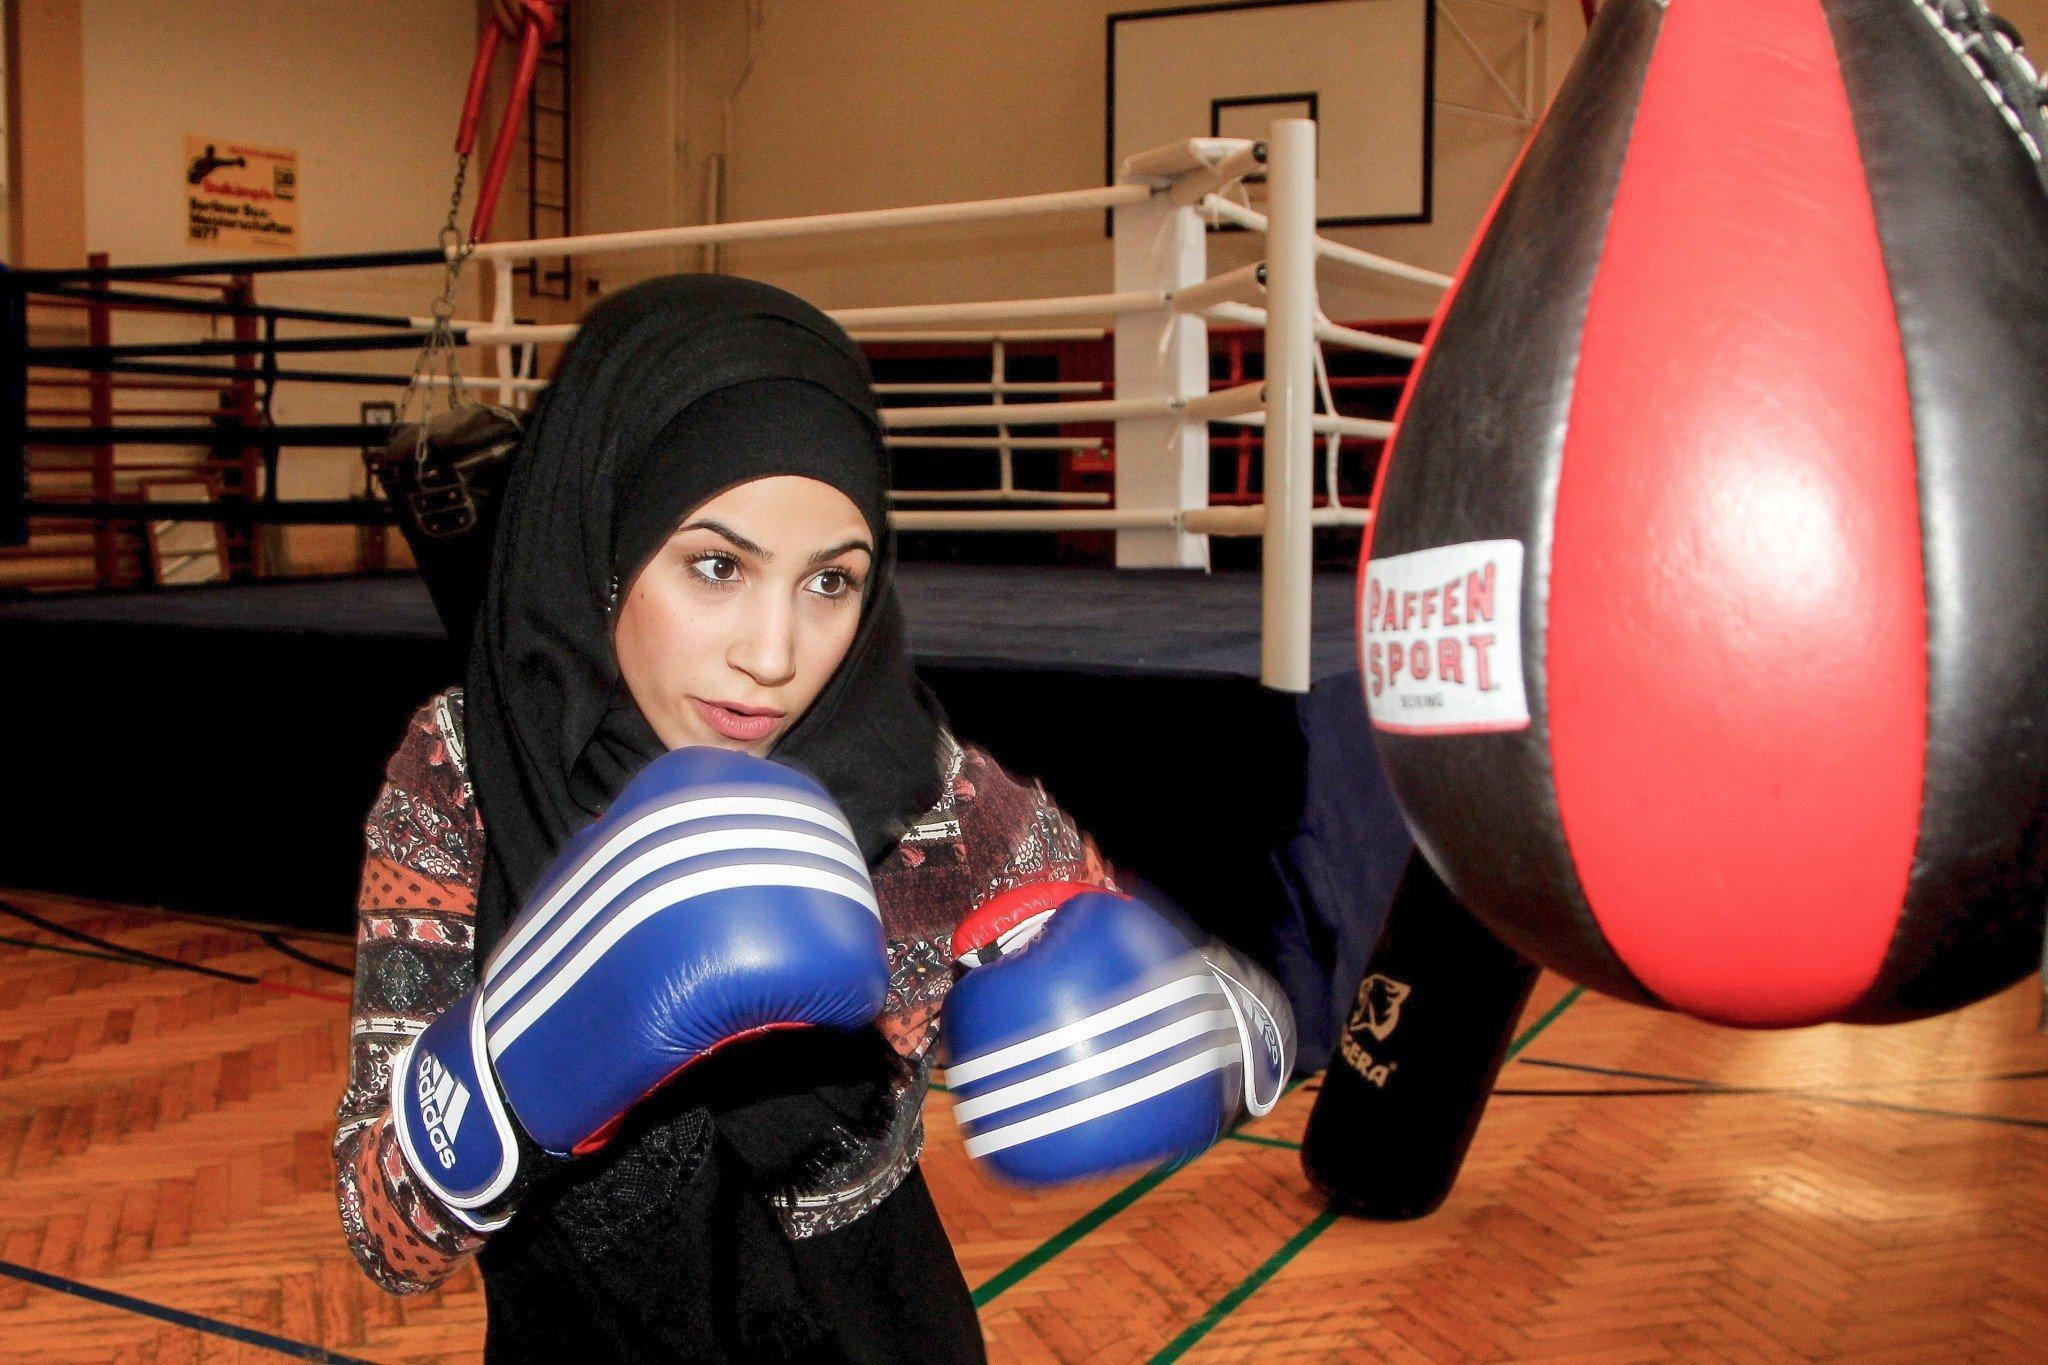 Zeina Nassar ist dreifache Berliner Meisterin im Frauenboxen. Dafür musste sie sich nicht nur gegen ihre Gegnerinnen durchsetzen.